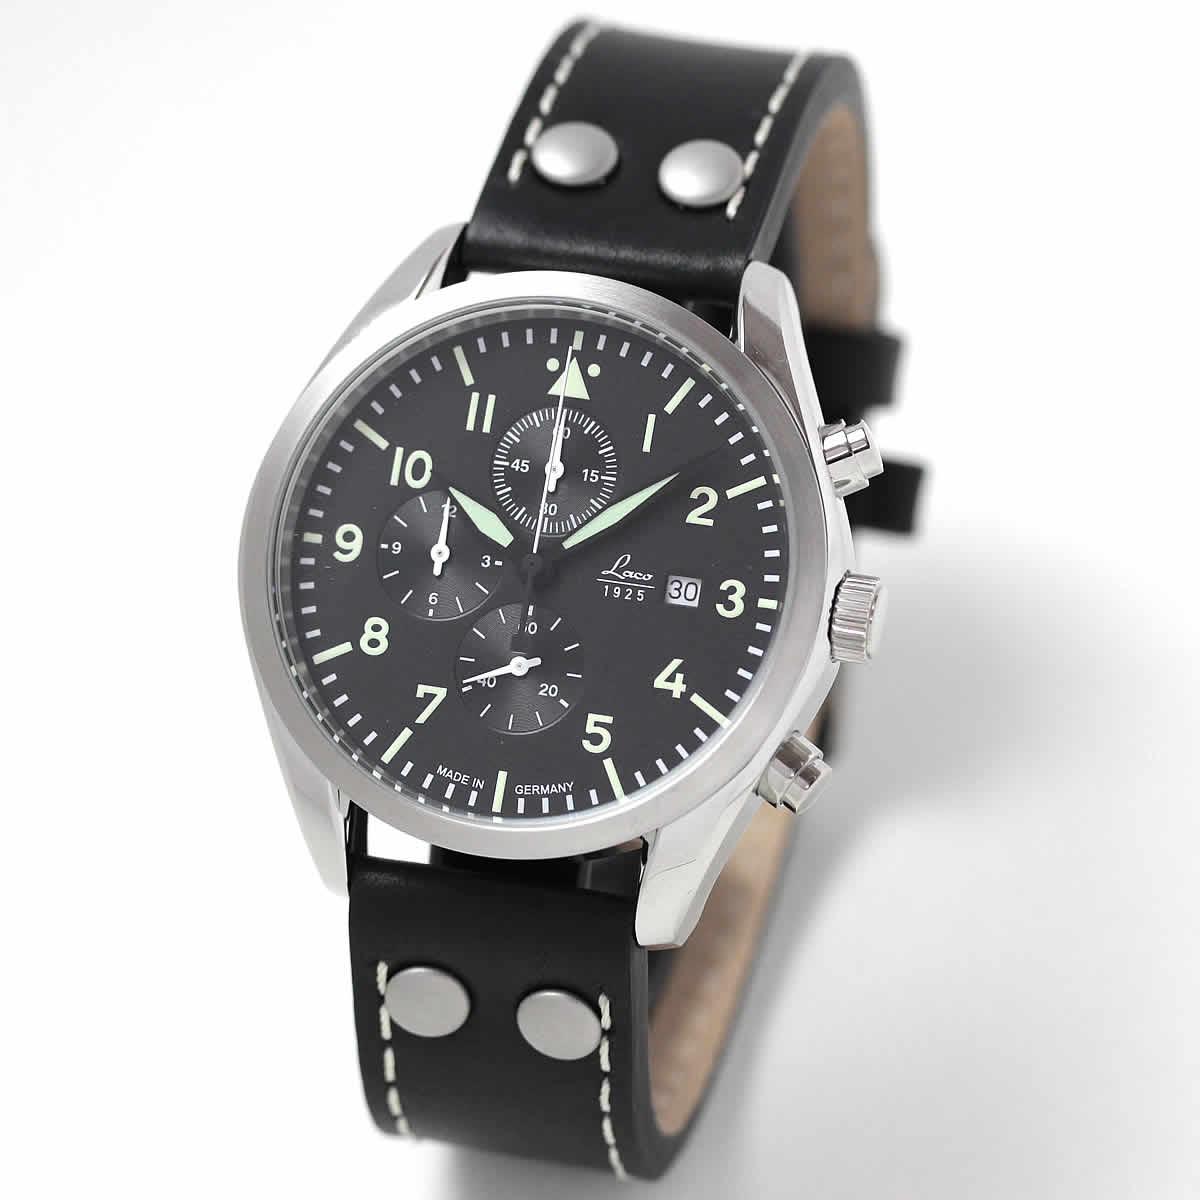 ラコ(Laco)クォーツ トリーア(Trier) 腕時計 861915